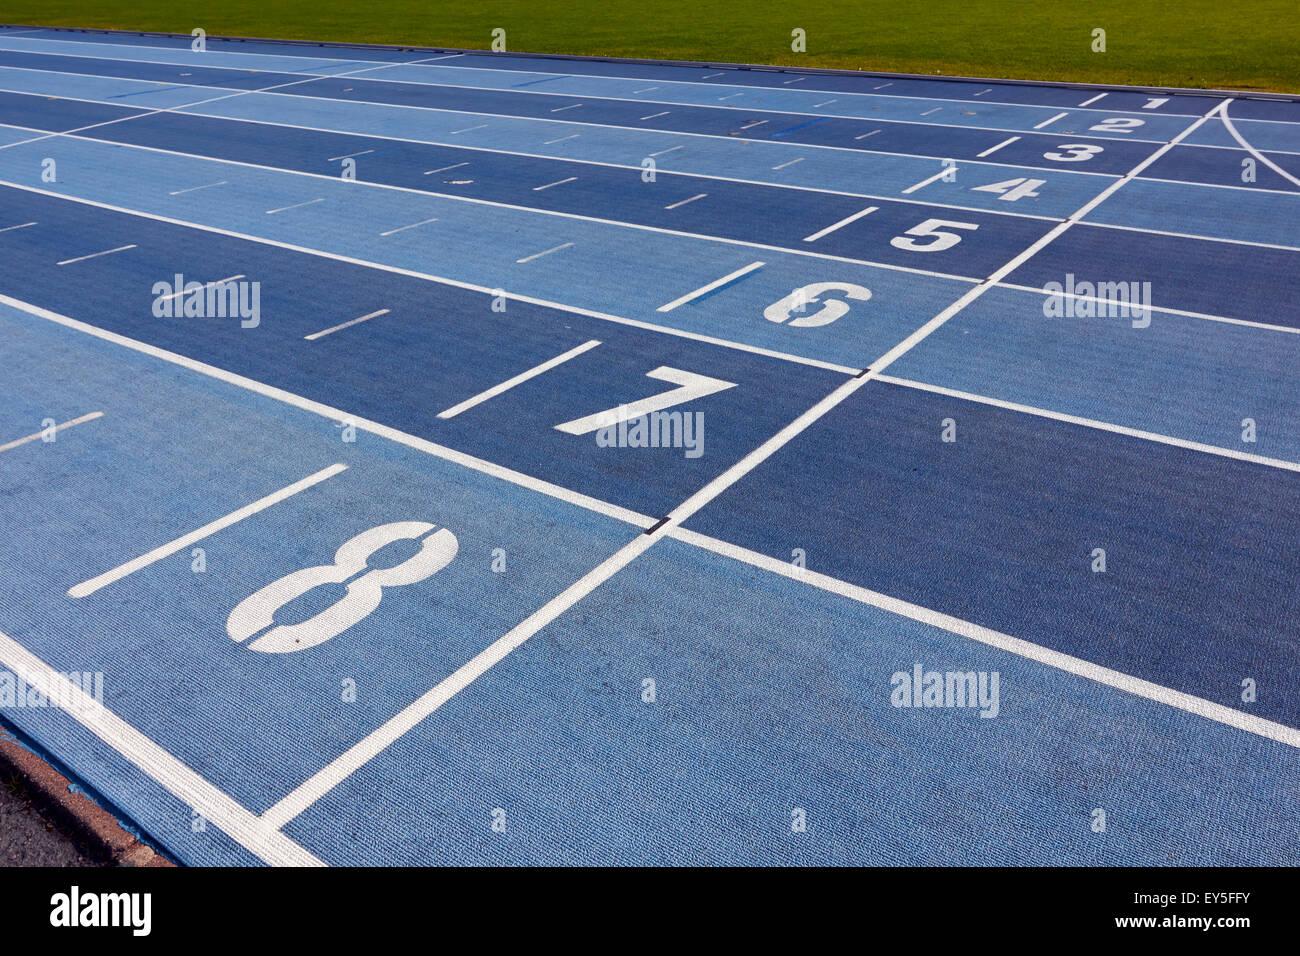 Leichtathletik-Bahnen Stockbild